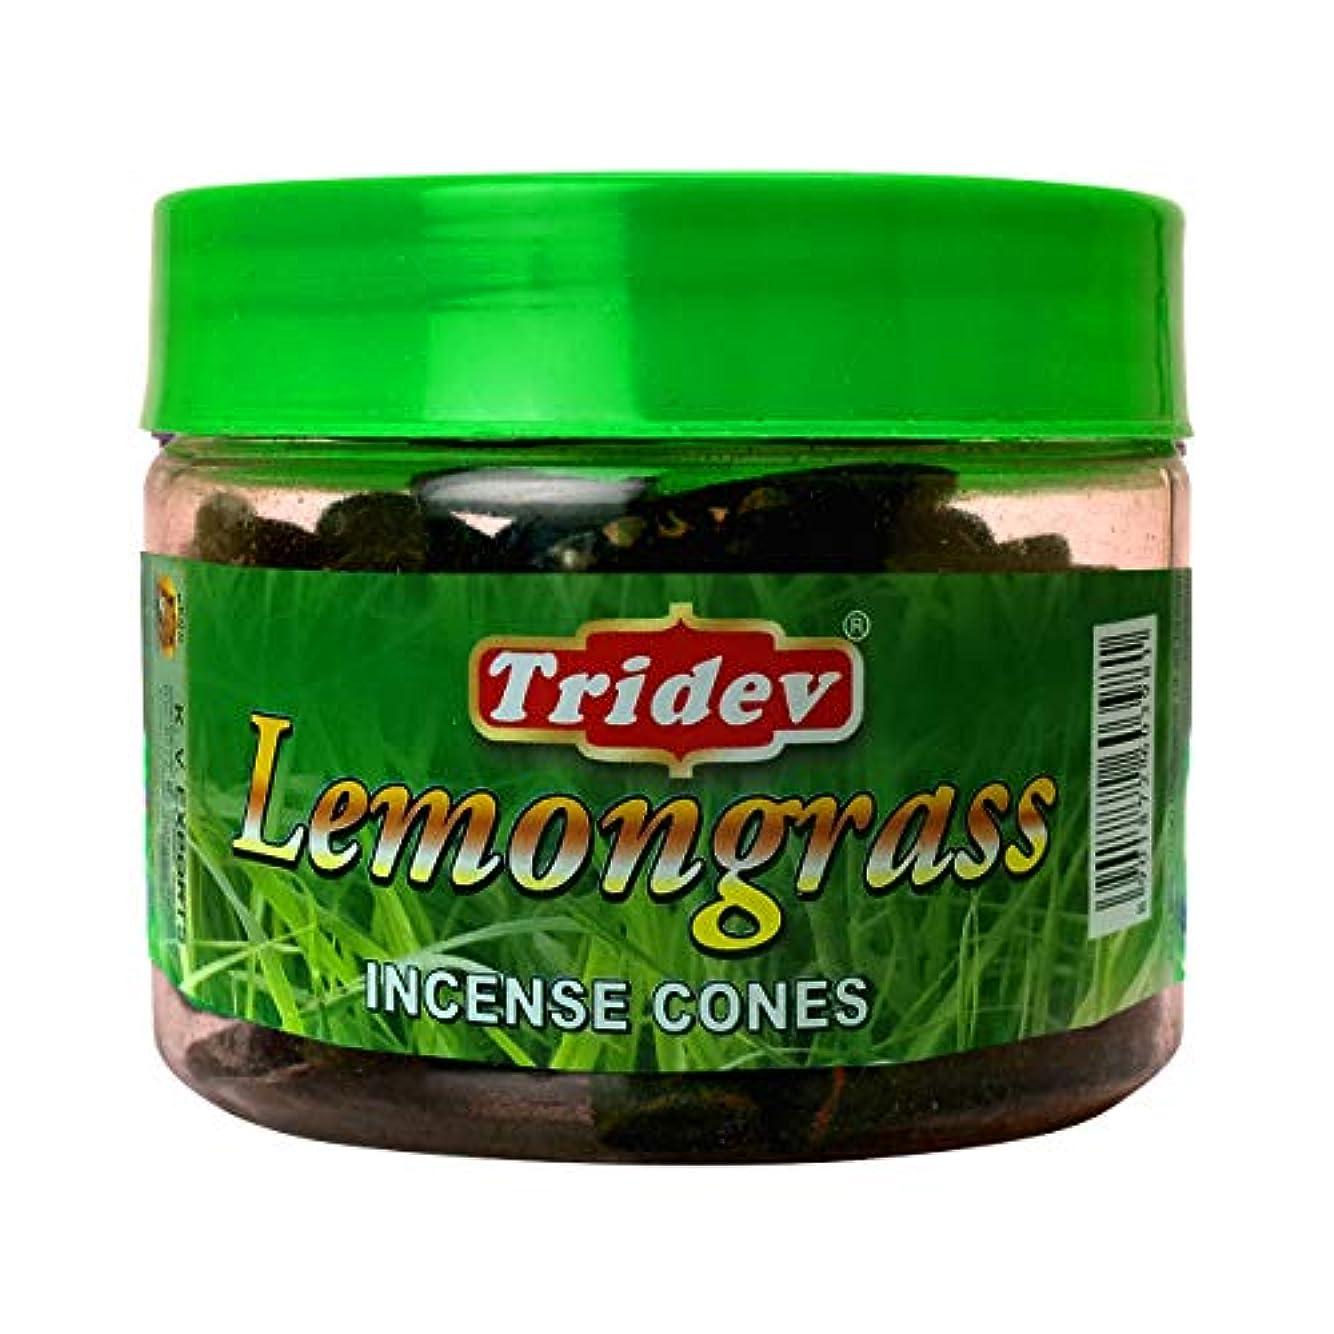 キャンパス眠る大陸Tridev レモングラスフレグランス コーン型お香瓶 1080グラム ボックス入り 12個入り 輸出品質